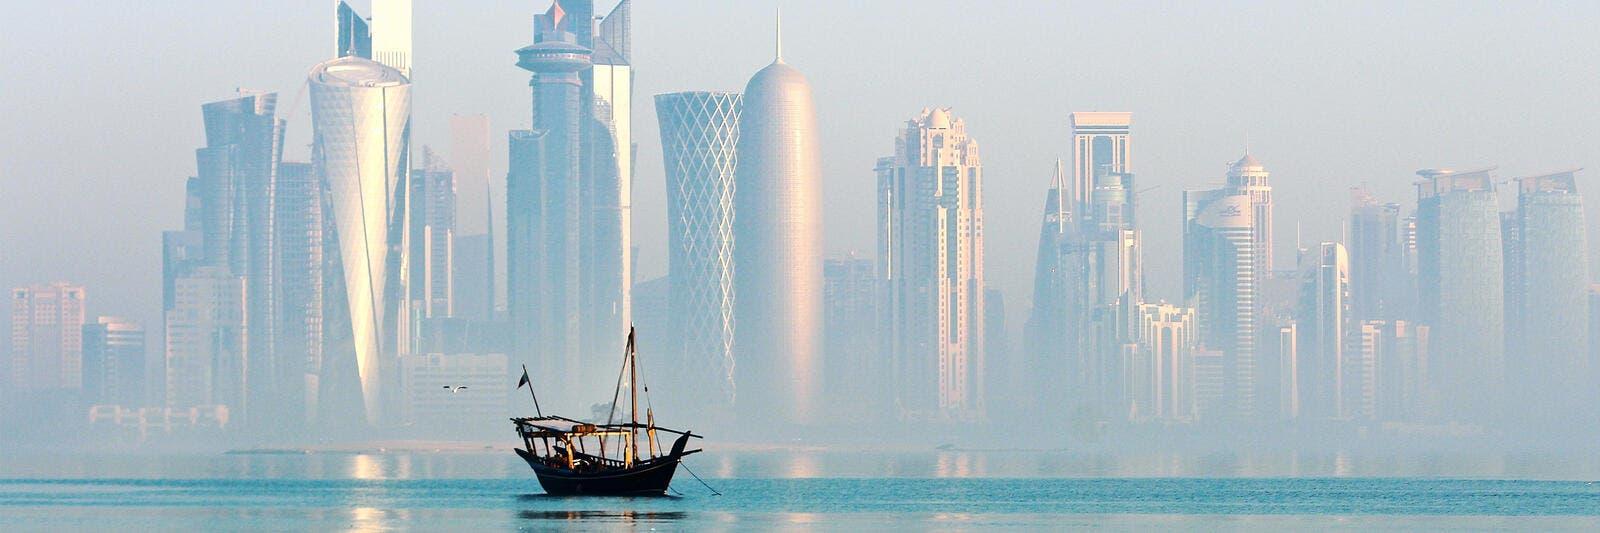 قطر تمدد إيقاف الرحلات القادمة وتغلق المنطقة الاقتصادية بالدوحة